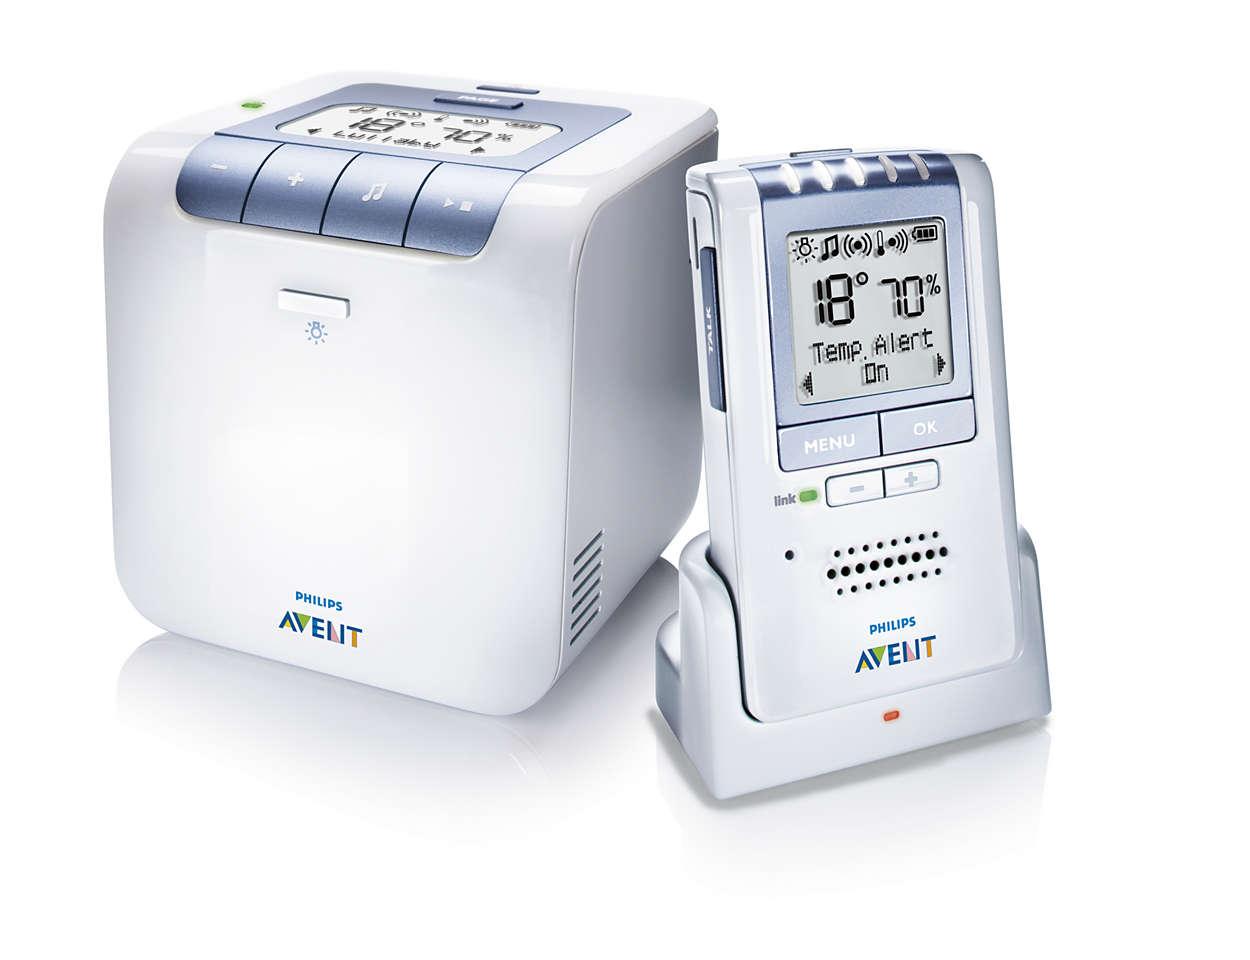 Măsurare uşoară şi exactă a temperaturii